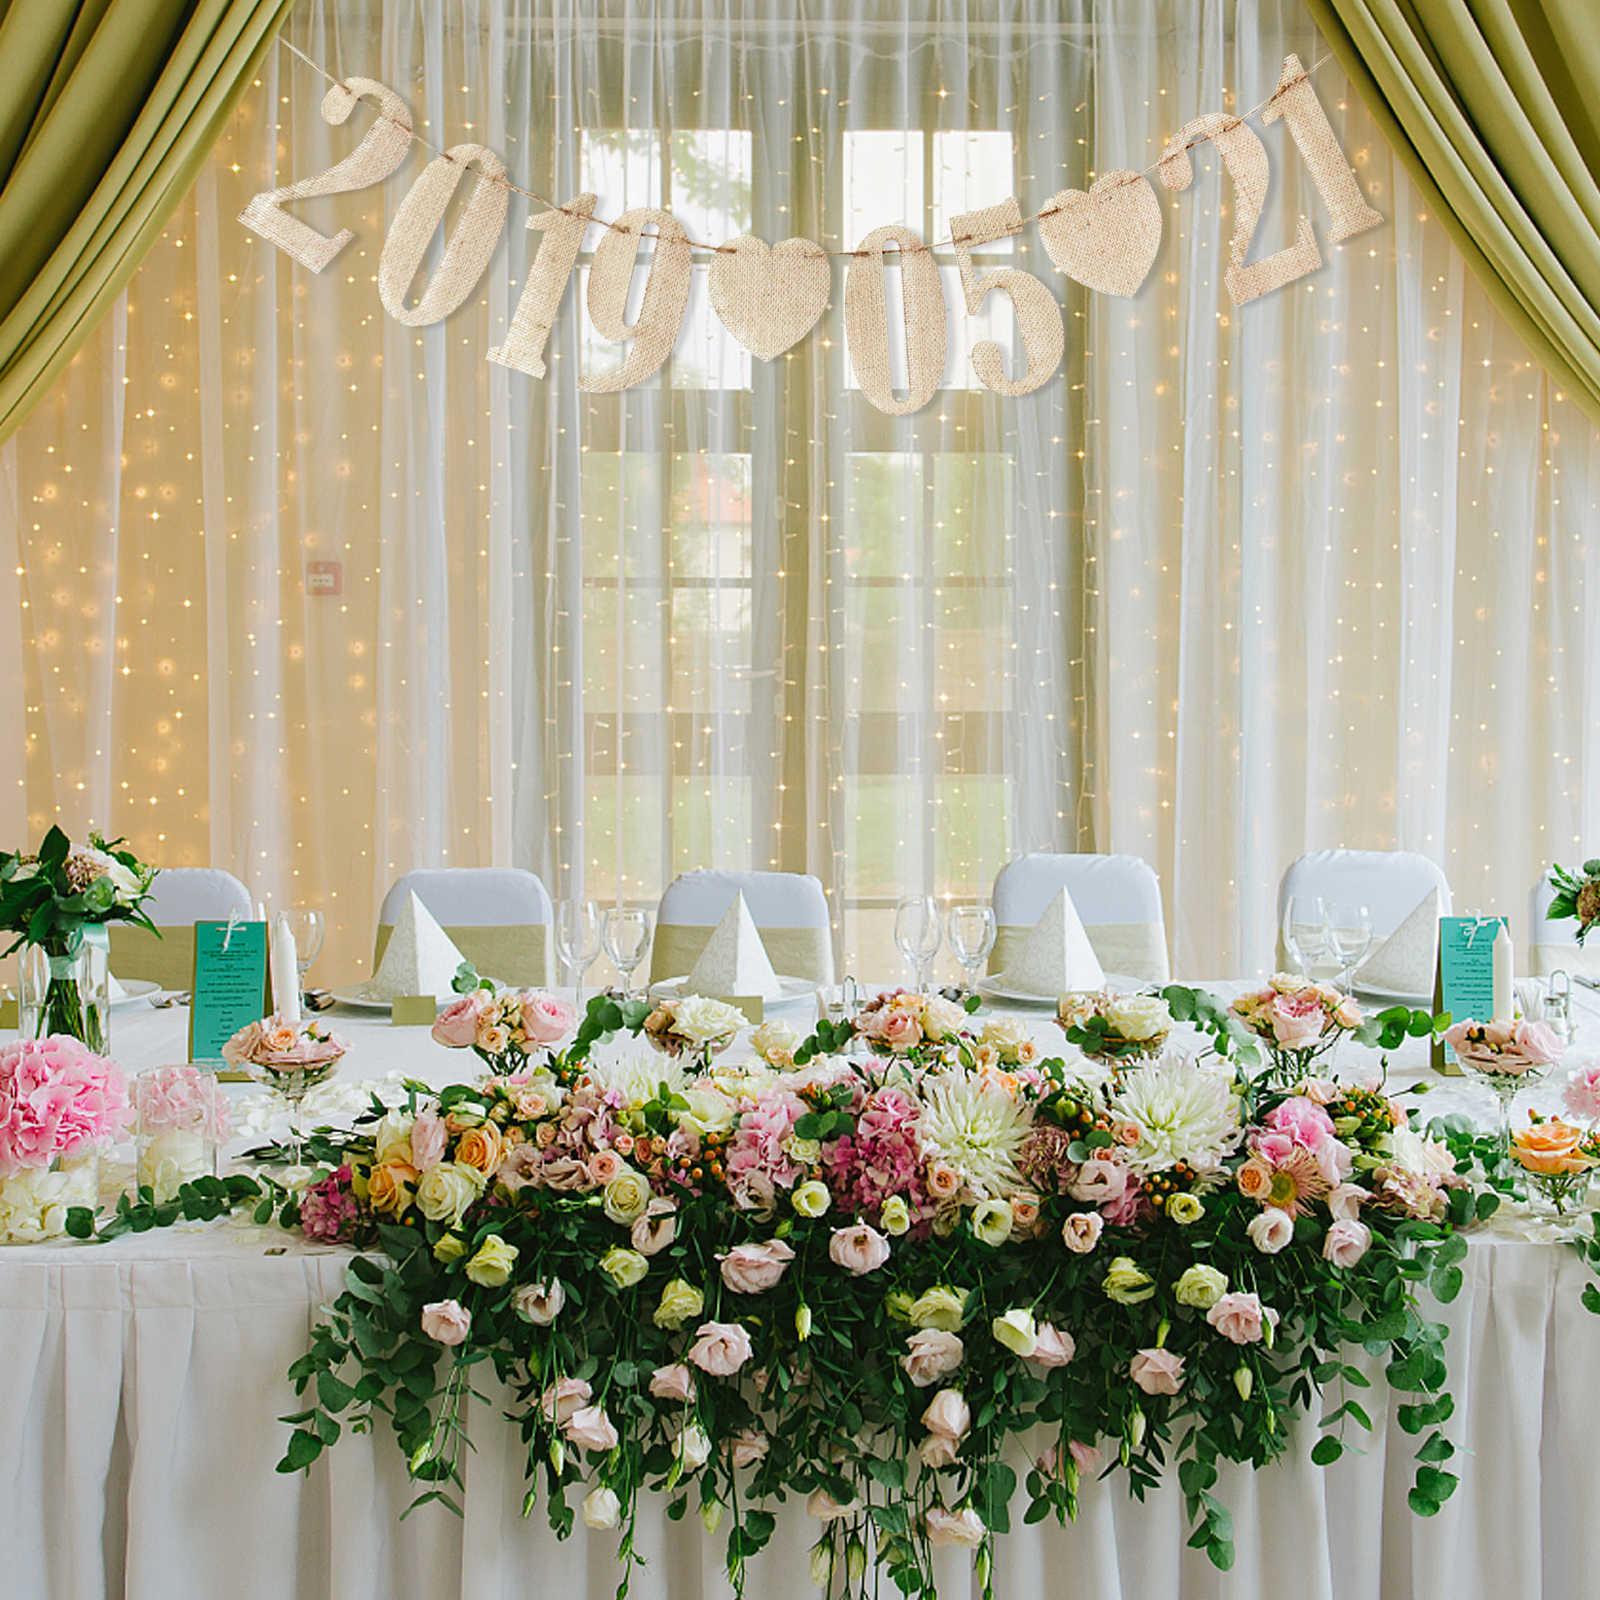 Hessische Jute Jute Nummers en Harten Decoratie 0-9 Tafel Teken DIY Bunting Banner Garland Gelukkige Verjaardag Wedding Party supply